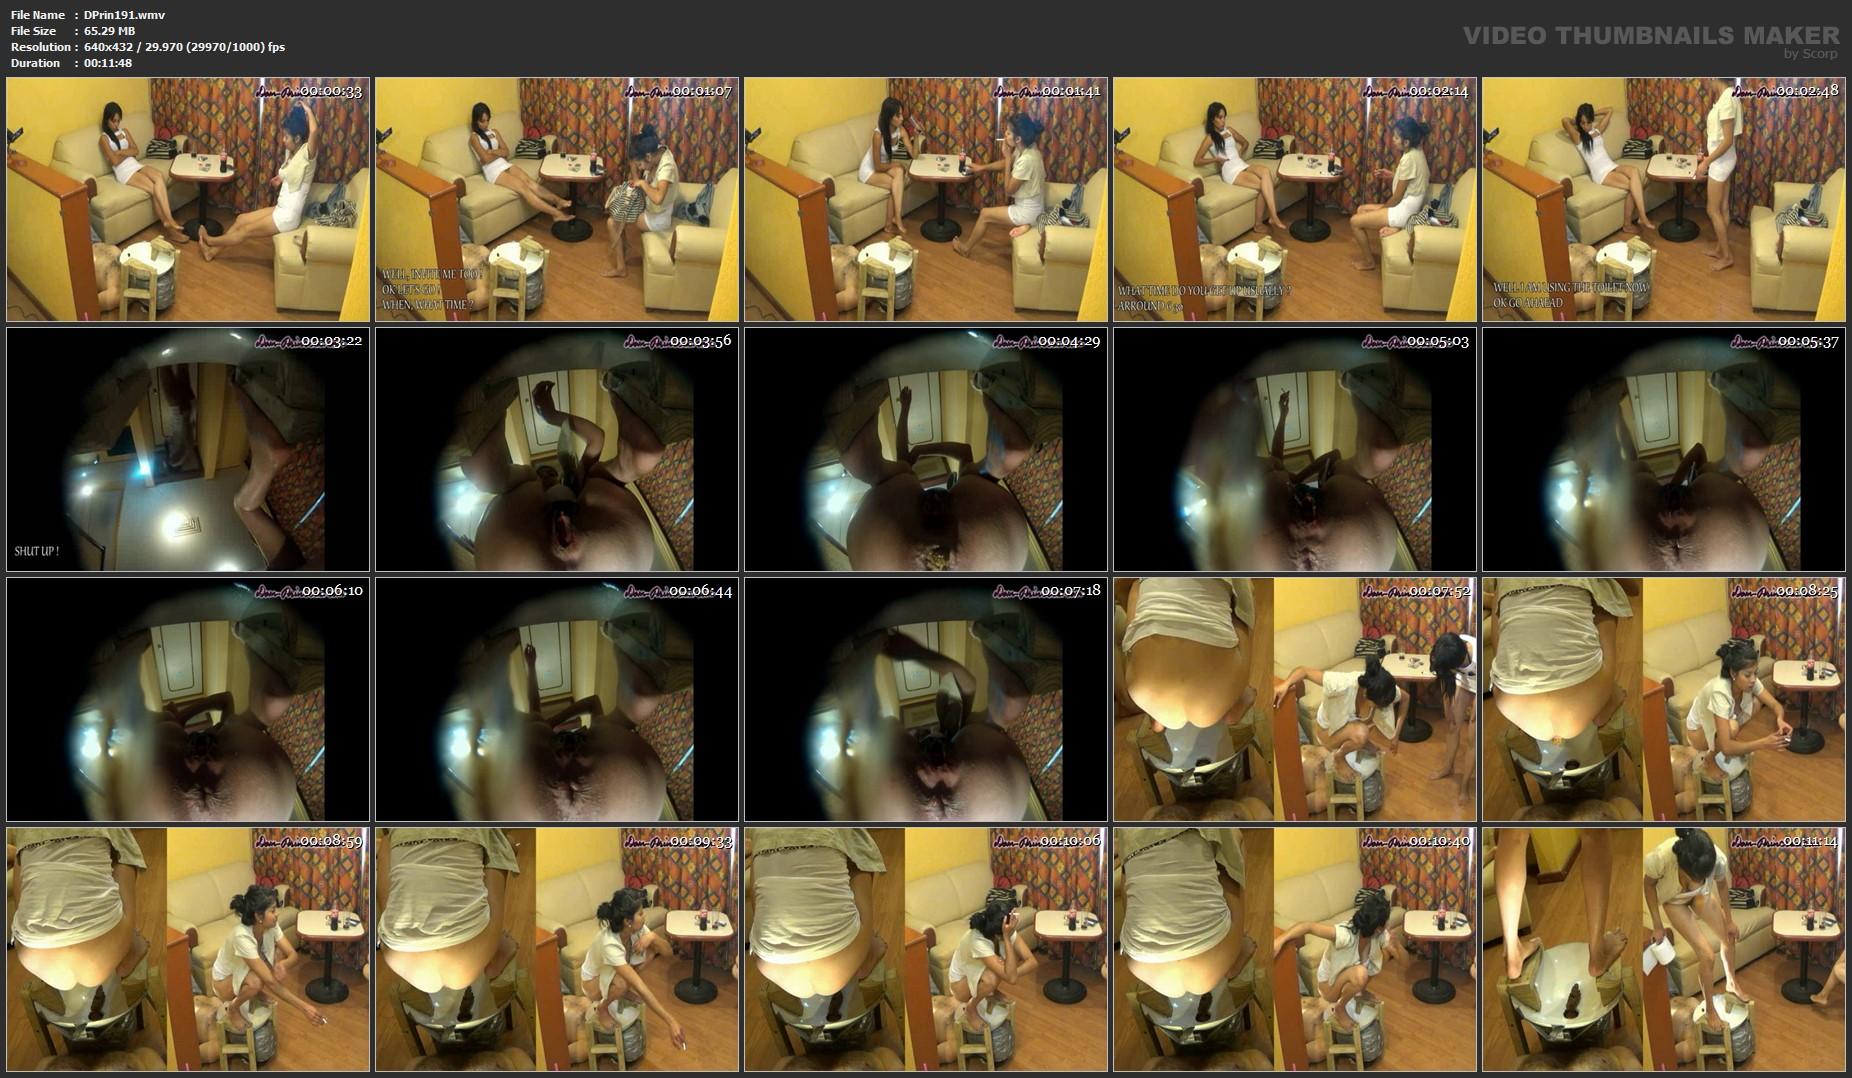 [DOM-PRINCESS] Dark Toilet Ideas The next Level Part 10 Samantha [SD][432p][WMV]